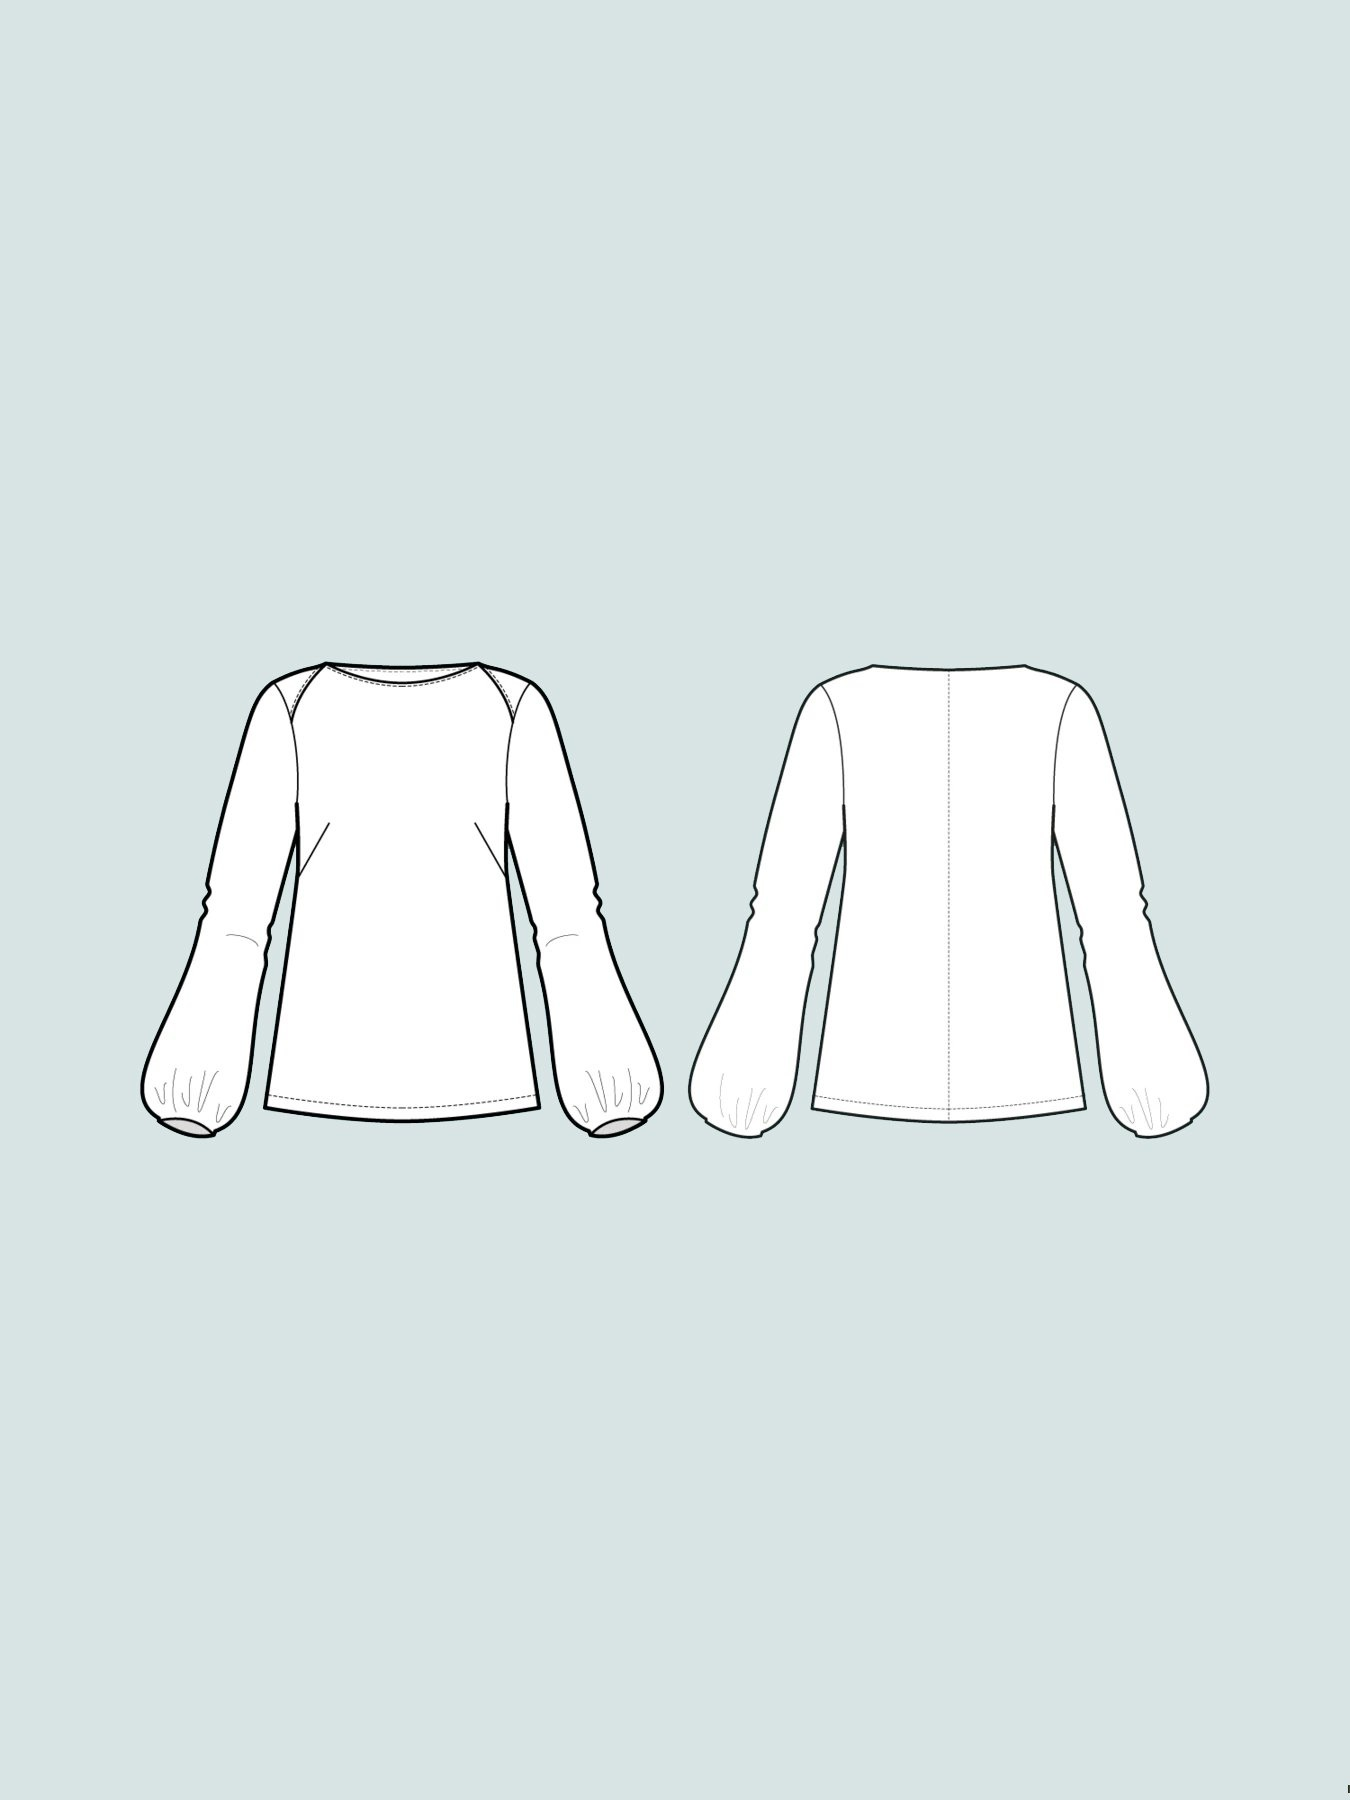 The Assembly Line Patterns Puff Shirt XL-3XL pattern by The Assembly Line Patterns